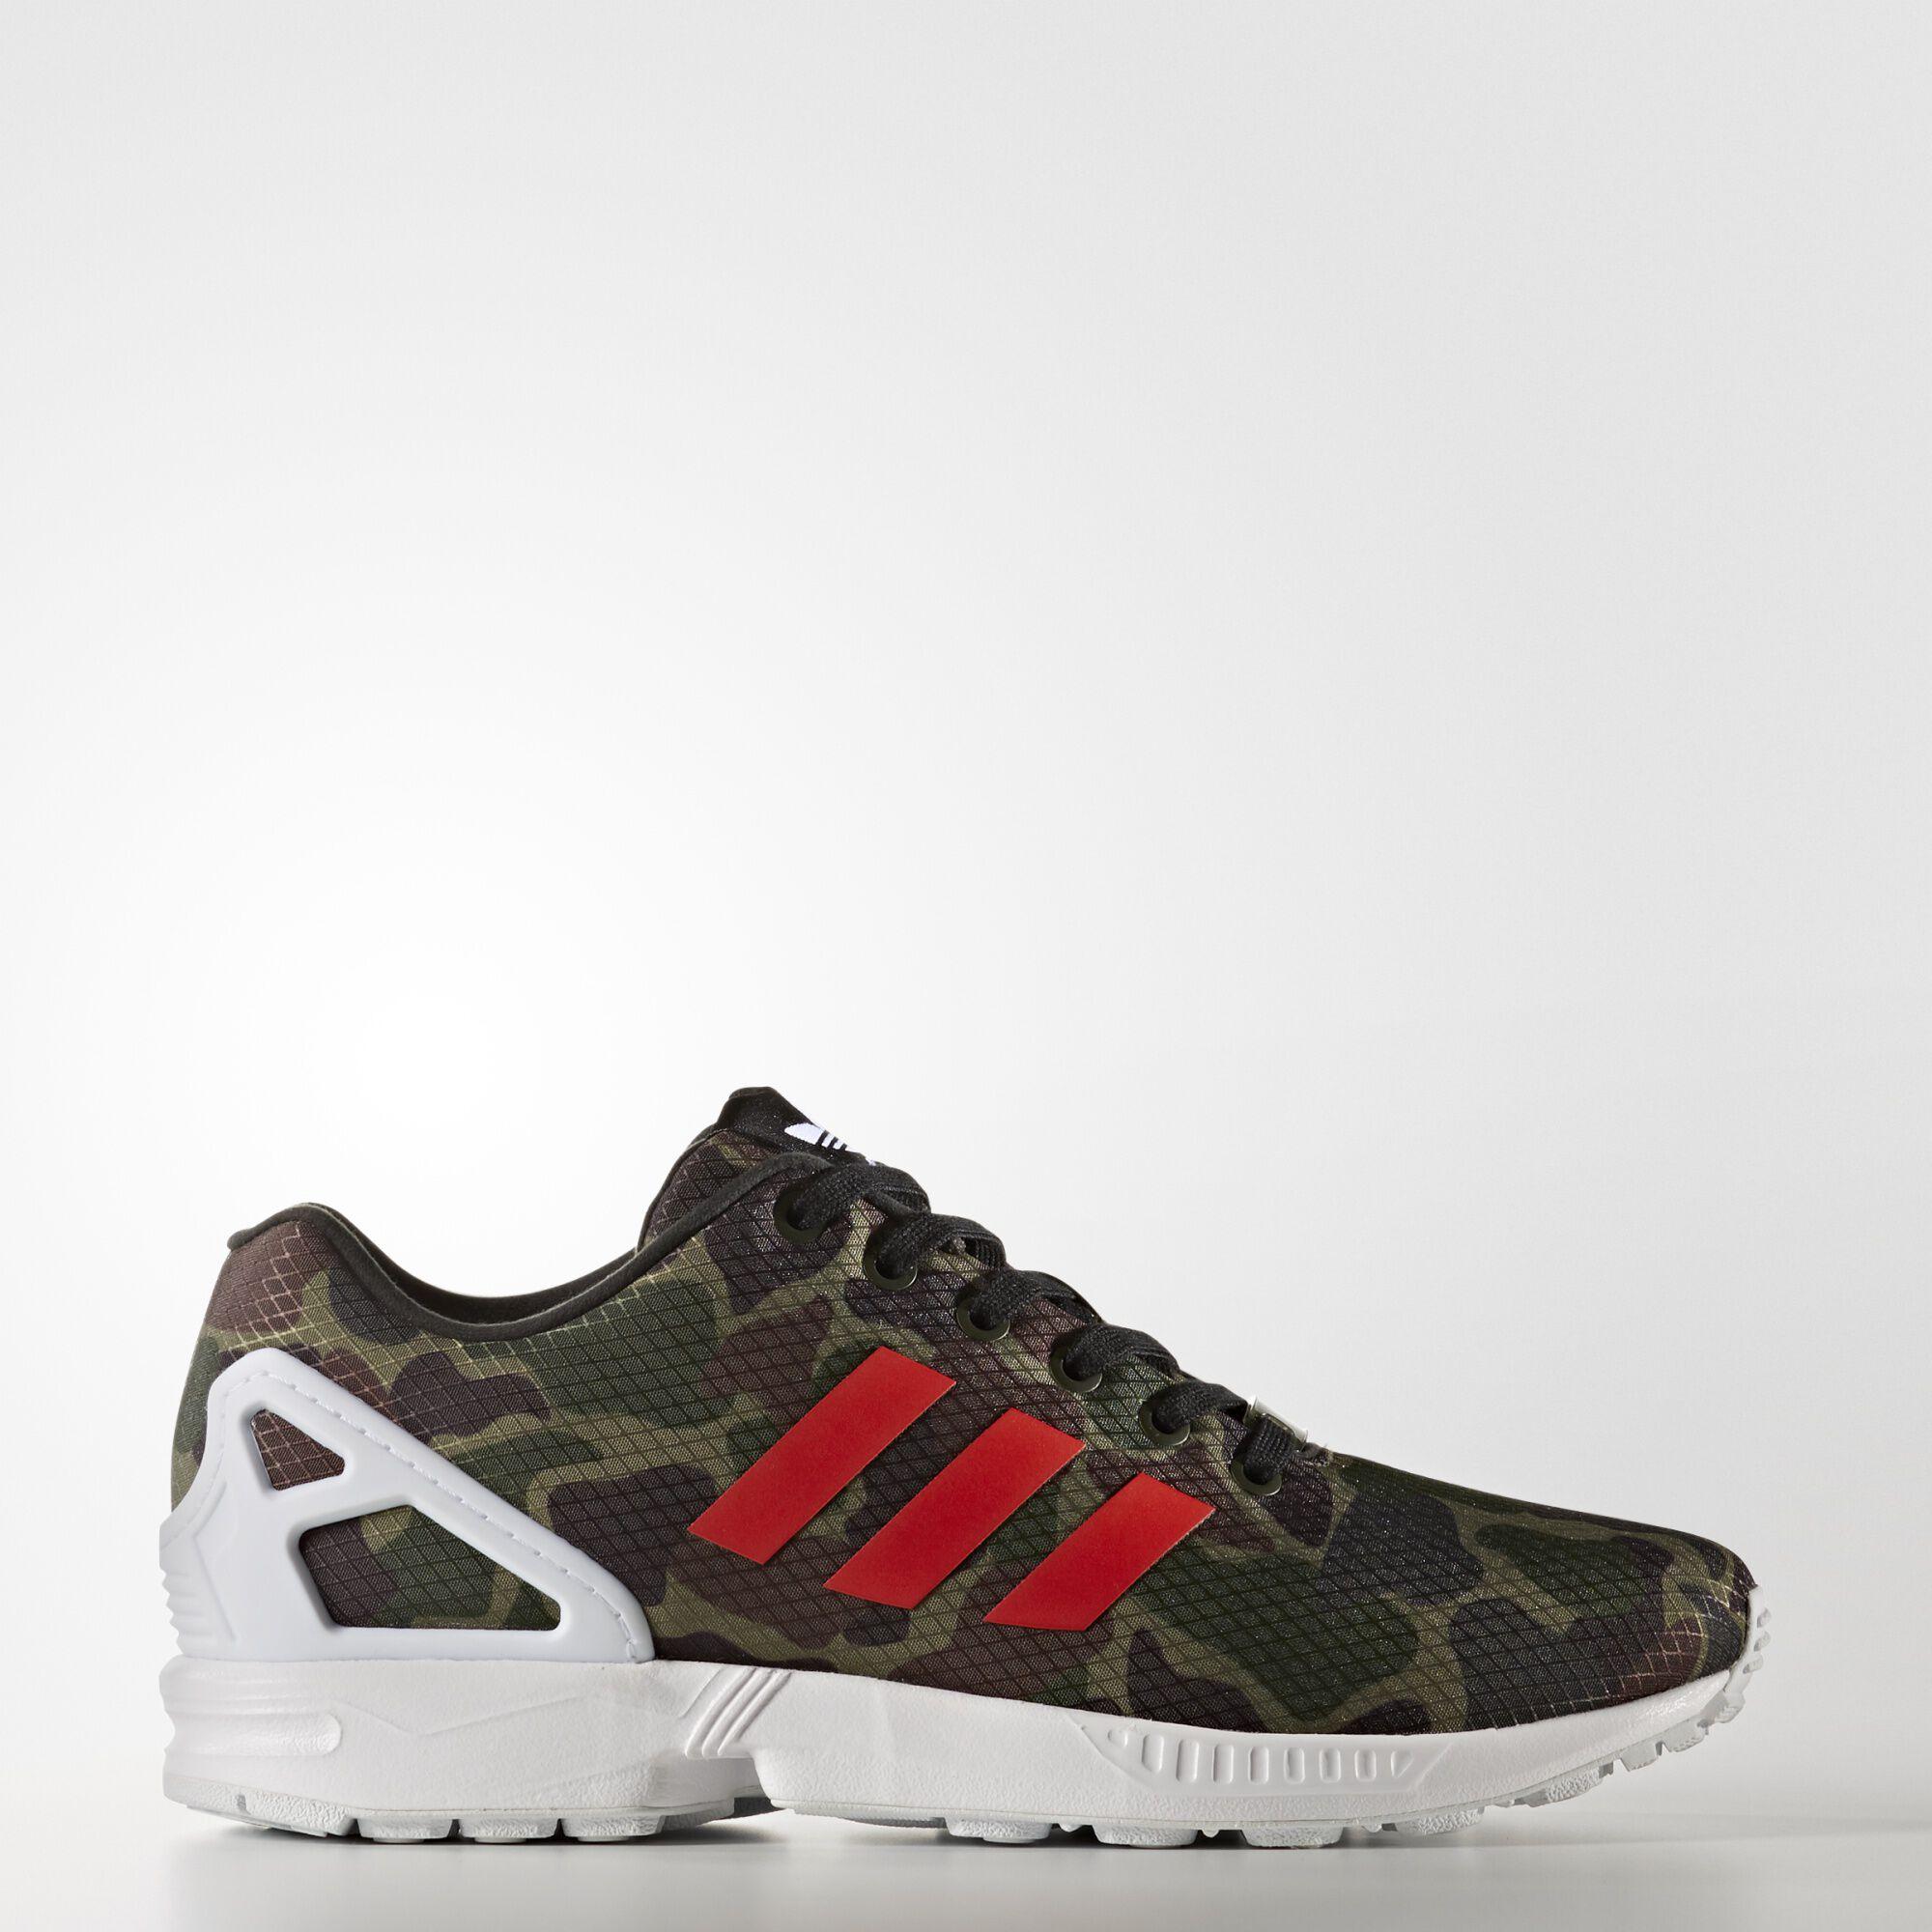 Adidas torsion ZX Flux en venta > off45% descuento